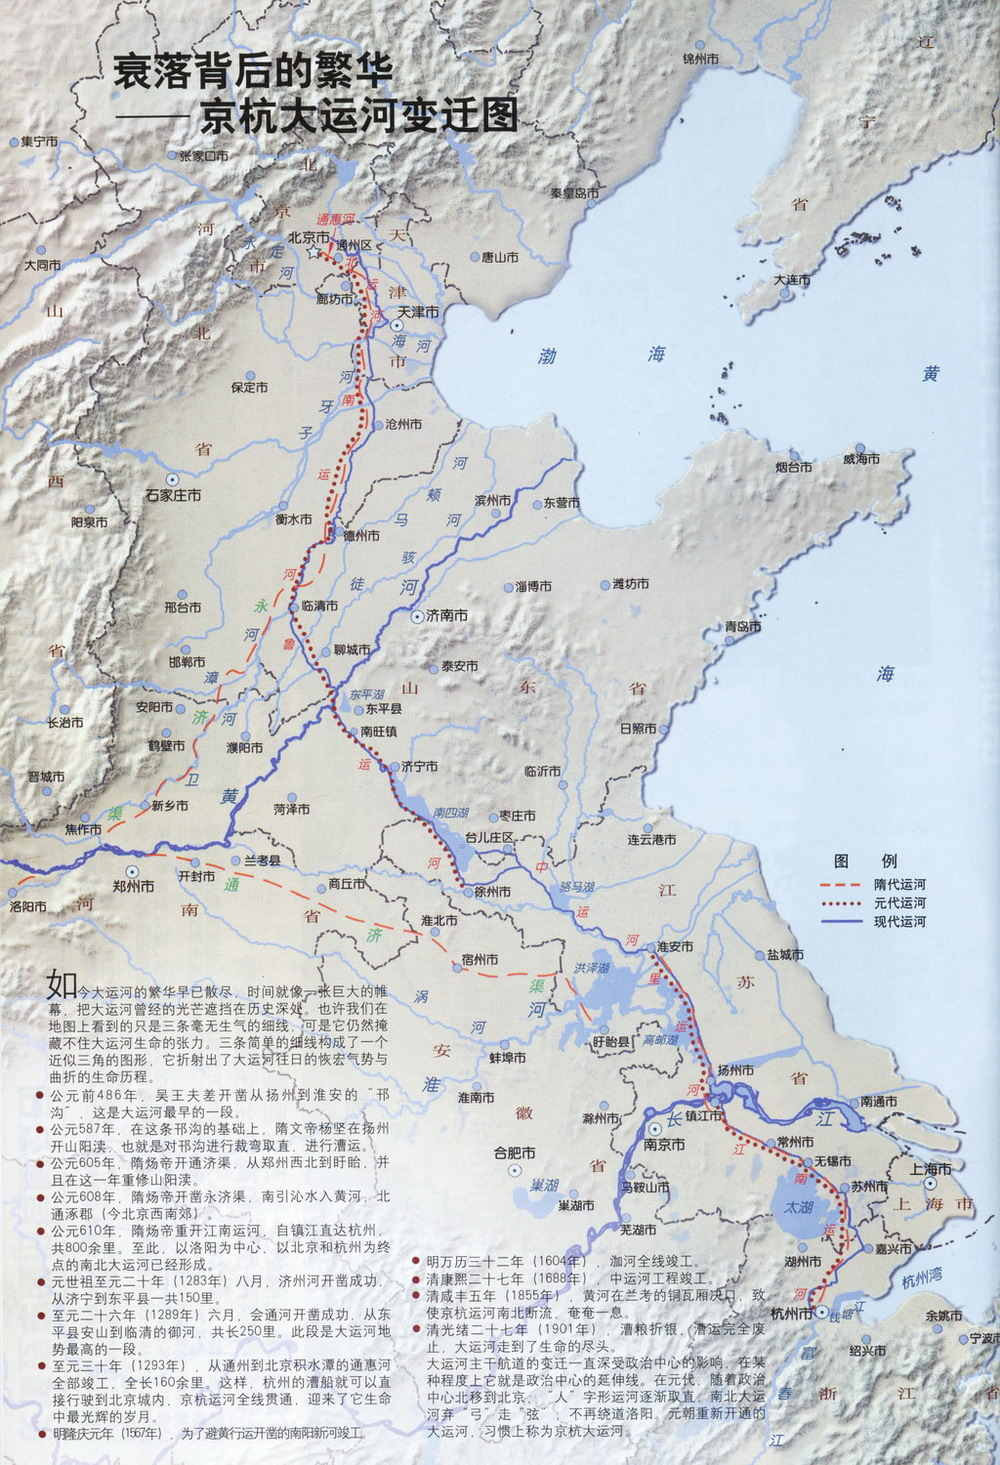 一个奇迹般的水利工程――京杭大运河